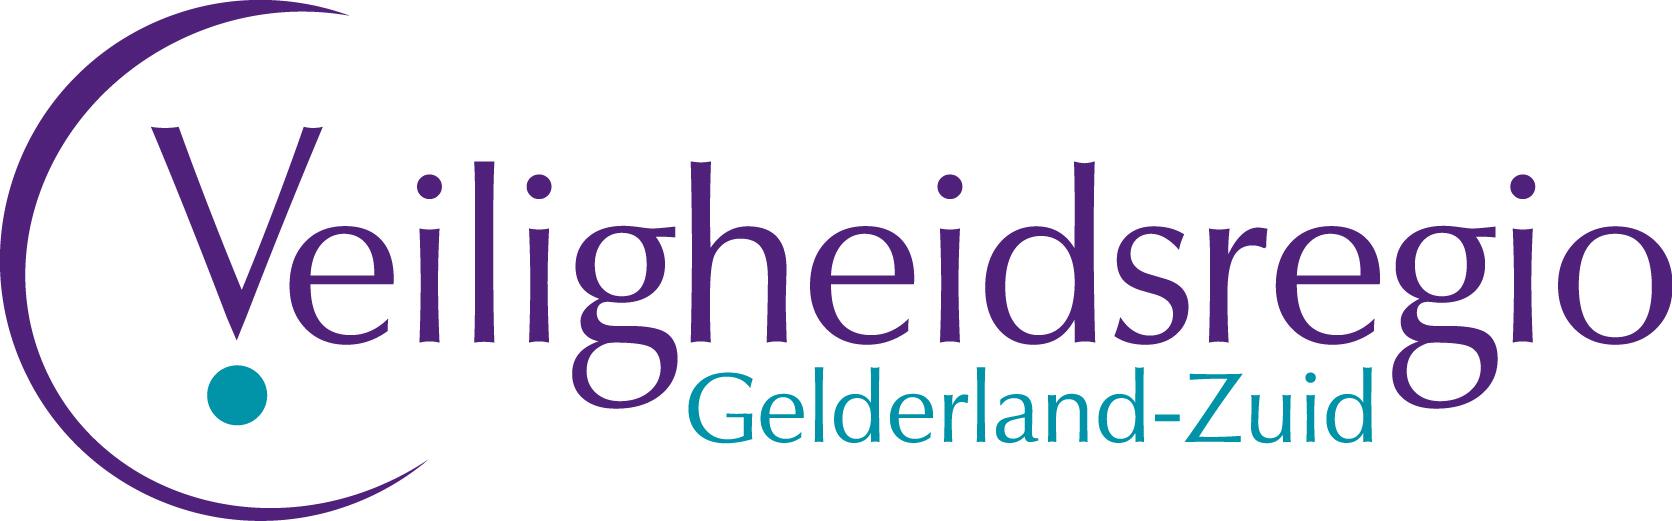 Veiligheidsregio Gelderland-Zuid